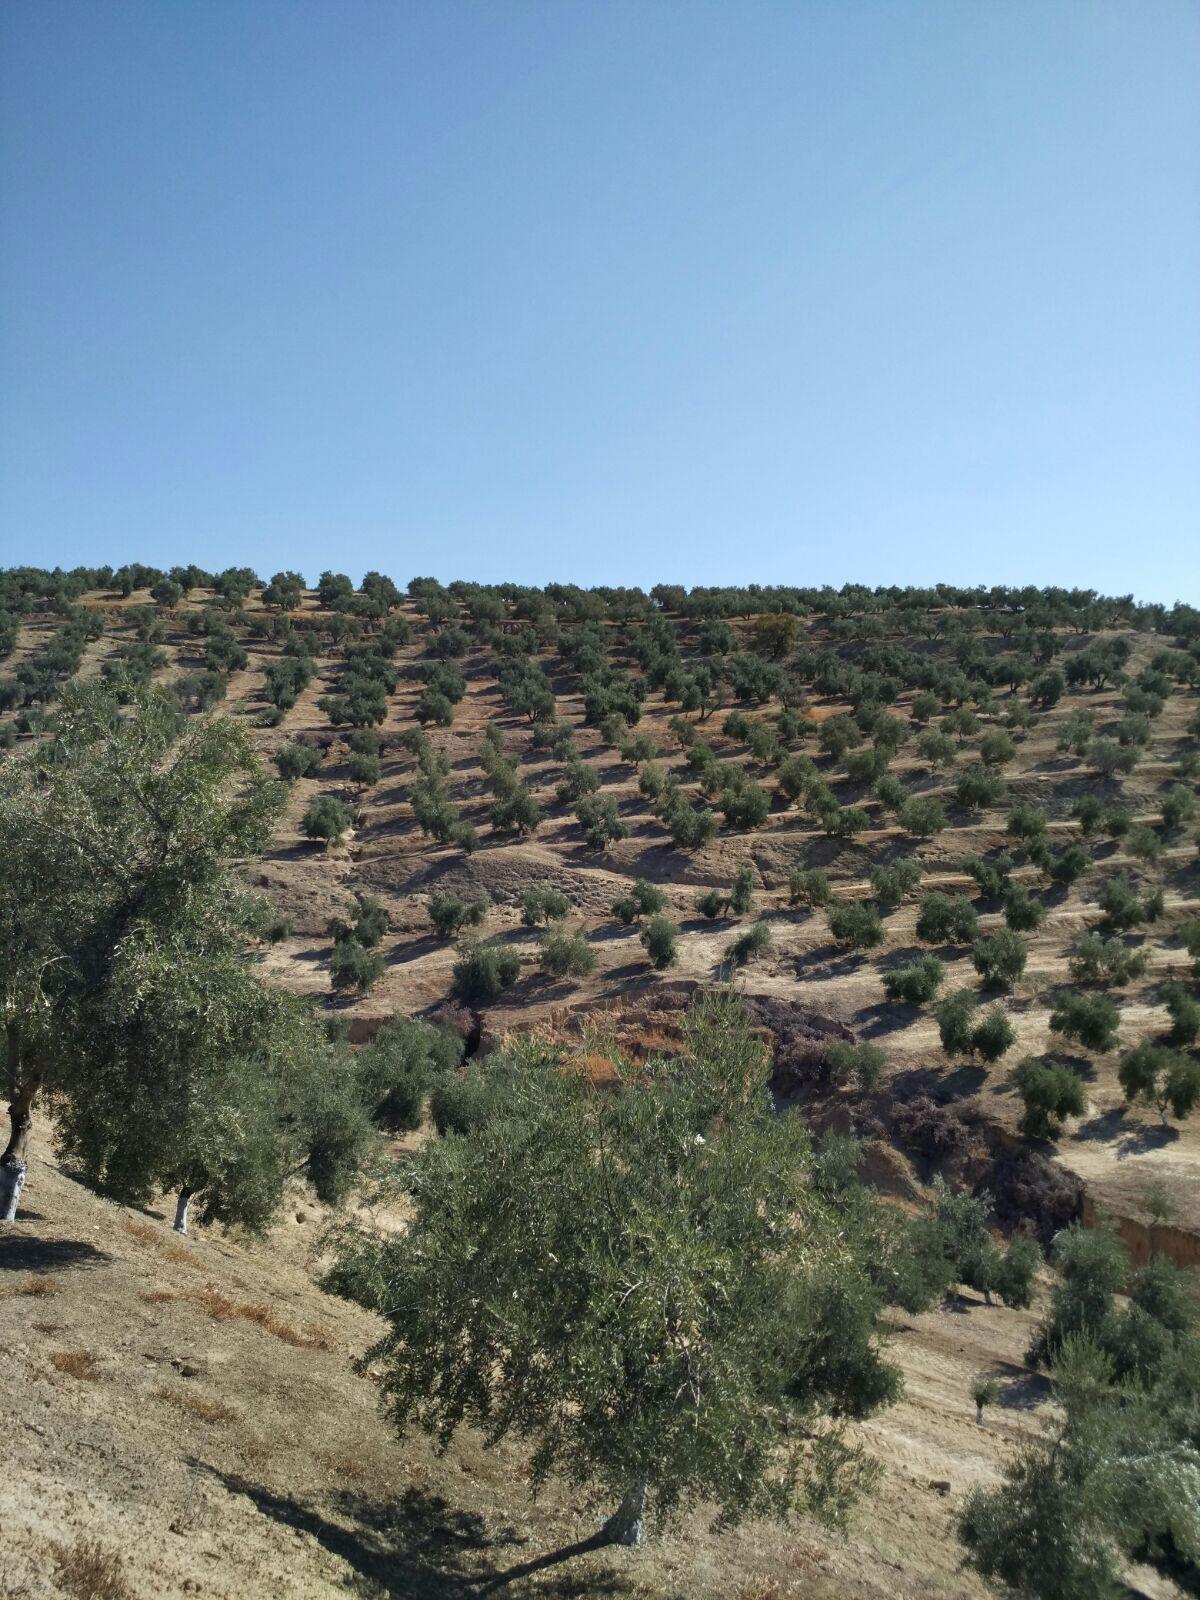 ASAJA-Jaén valora el acuerdo sobre el Impuesto de Sucesiones en Andalucía, que eleva hasta un millón de euros el mínimo exento para los herederos directos